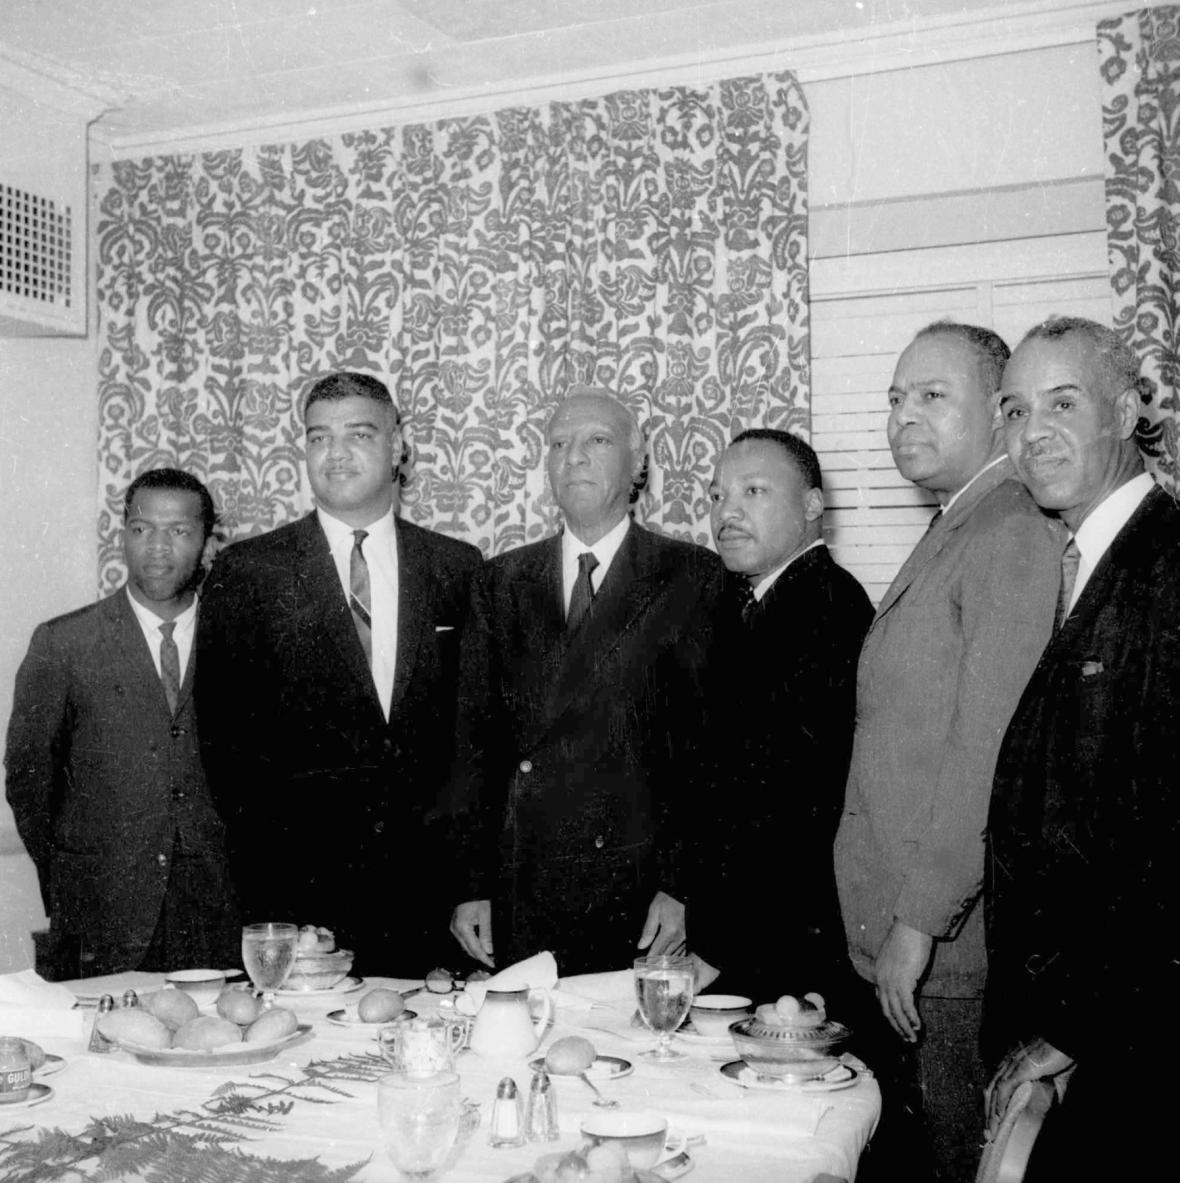 John Lewis (vlevo na kraji) při setkání s Martinem Lutherem Kingem a dalšími aktivisty v roce 1963